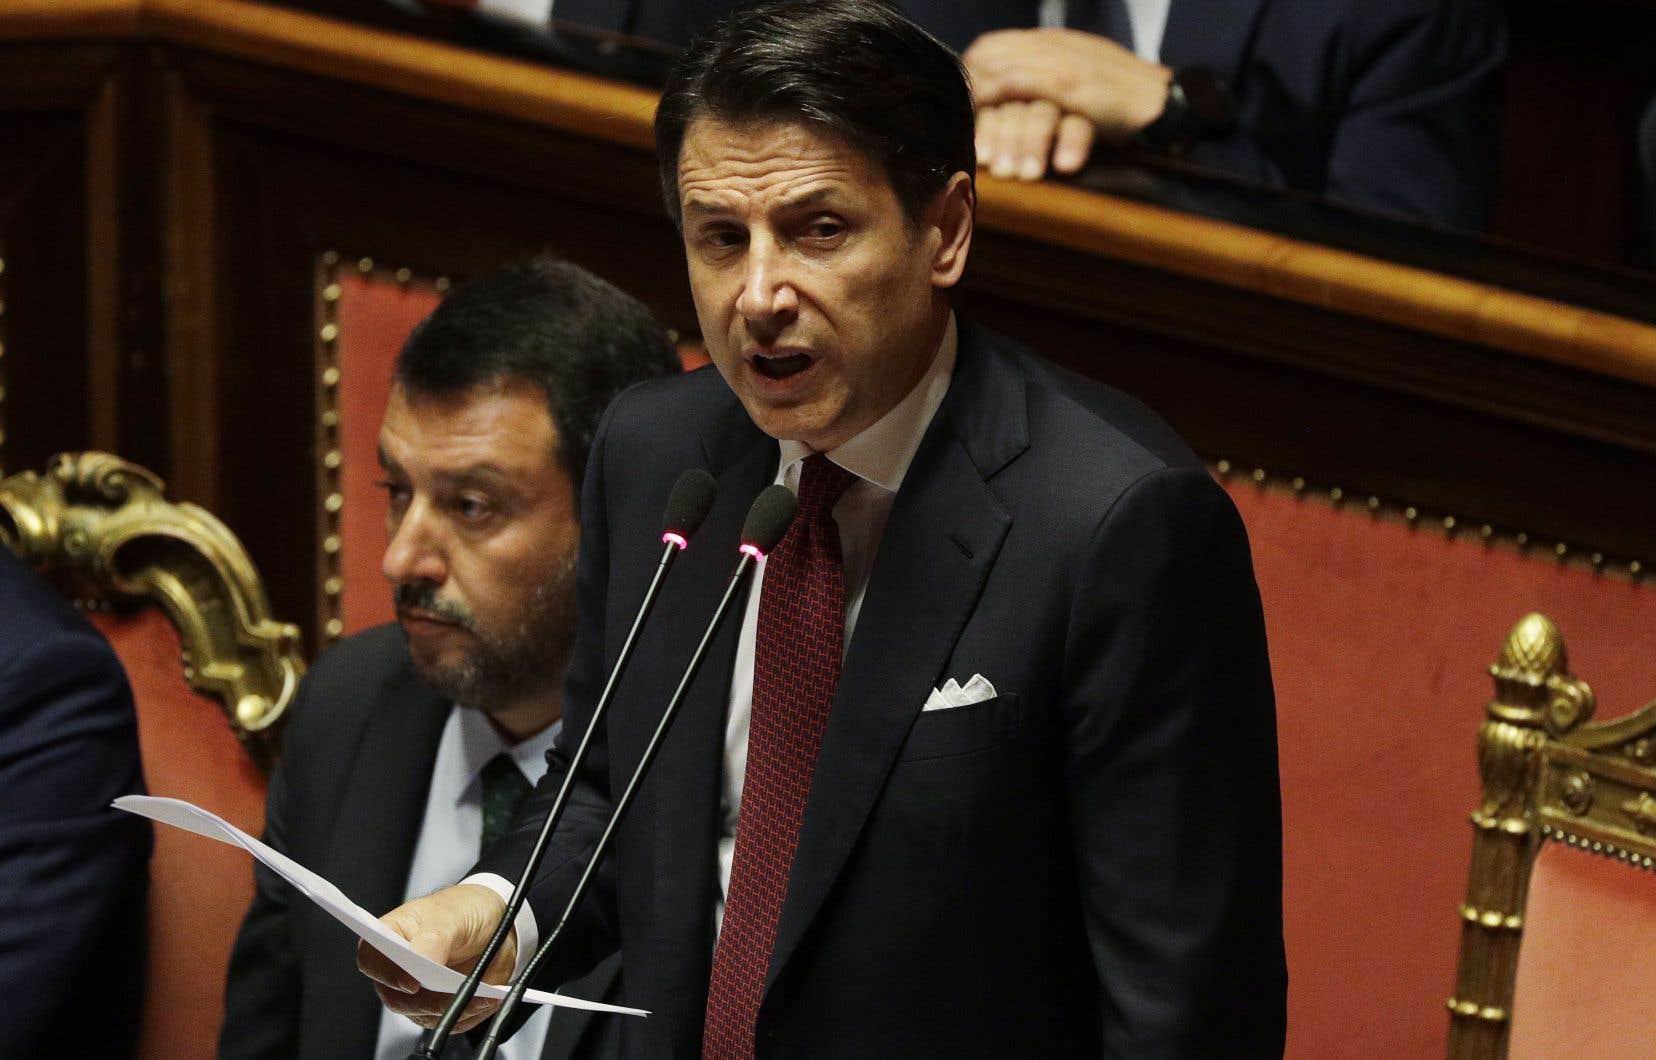 Le nouvel exécutif sera de nouveau dirigé par le premier ministre sortant, Giuseppe Conte.